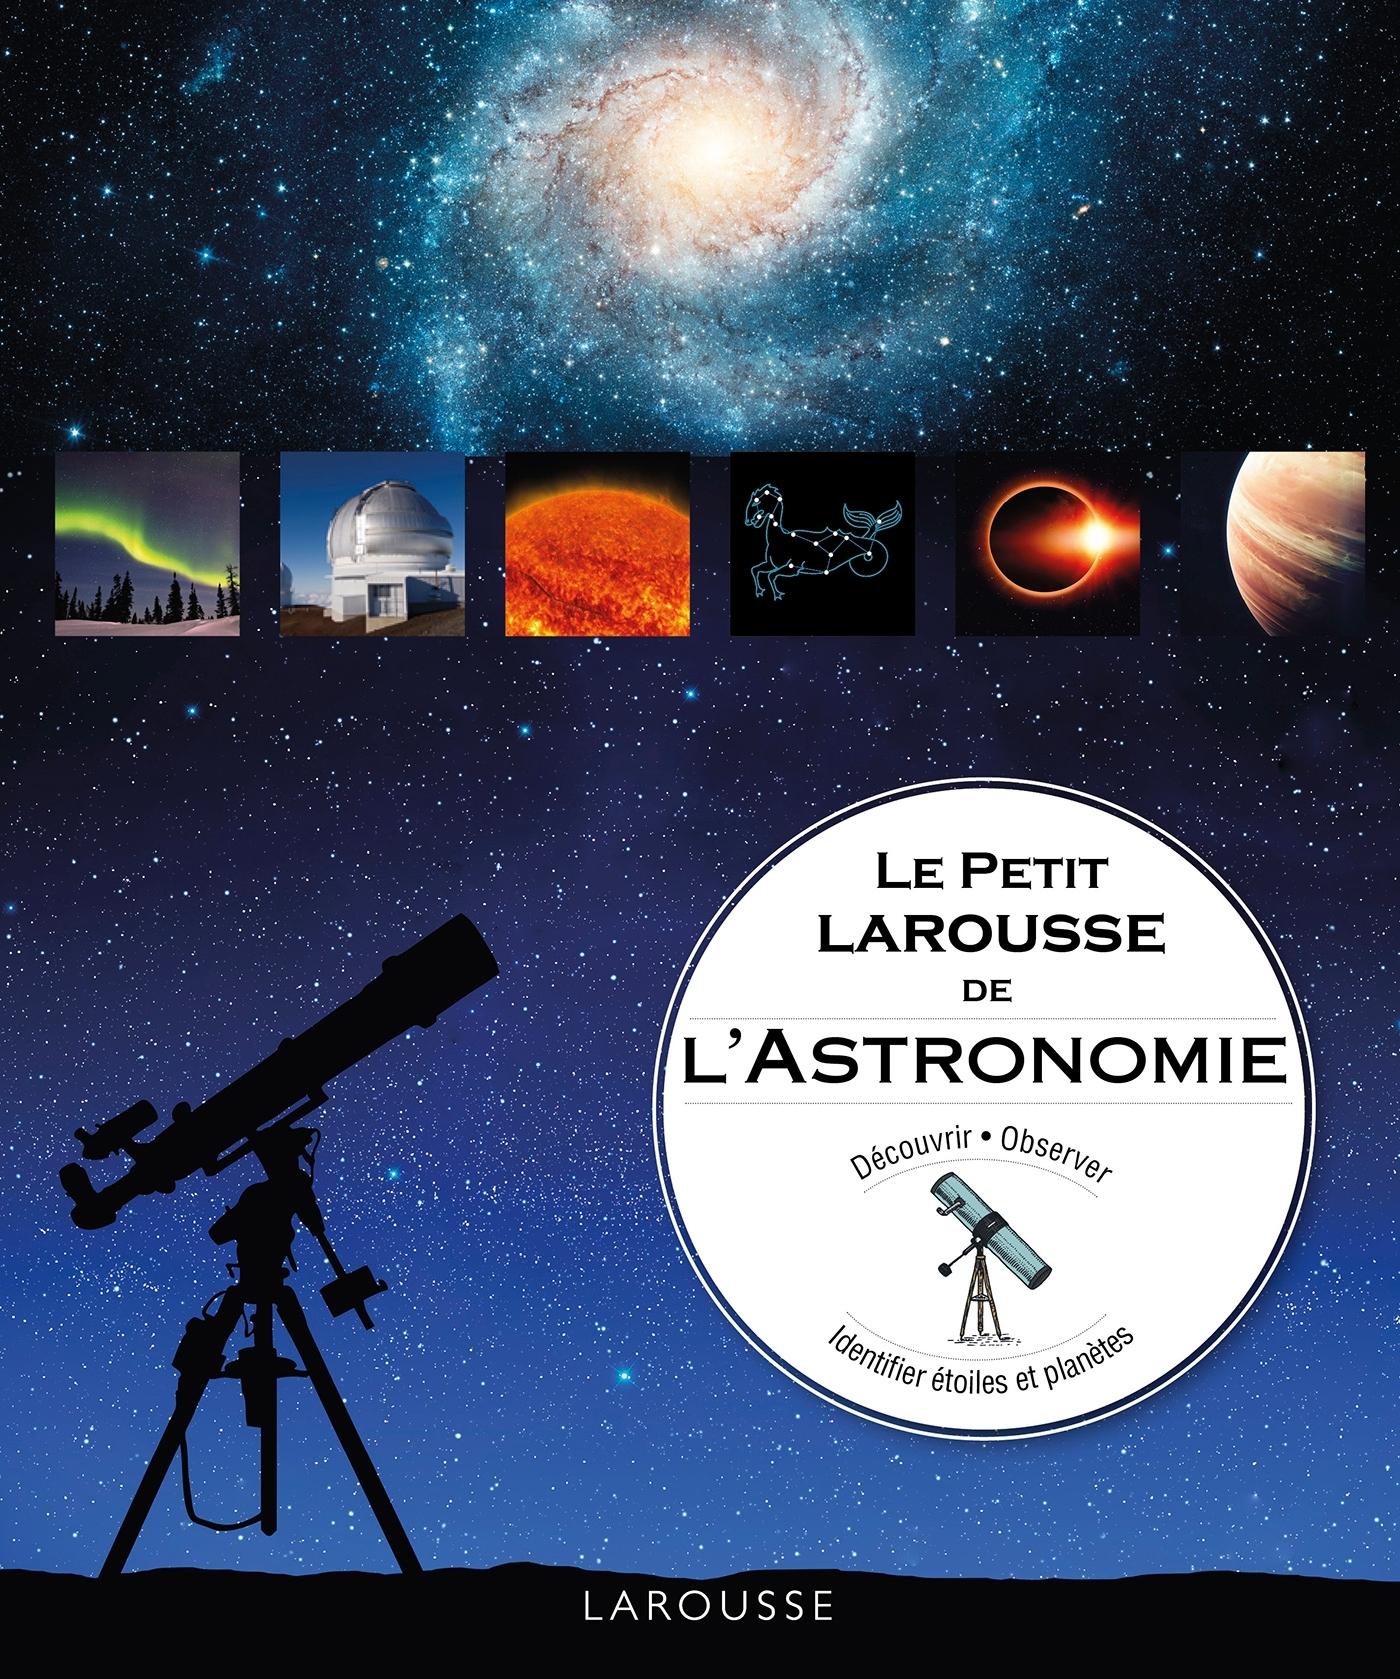 LE PETIT LAROUSSE DE L'ASTRONOMIE